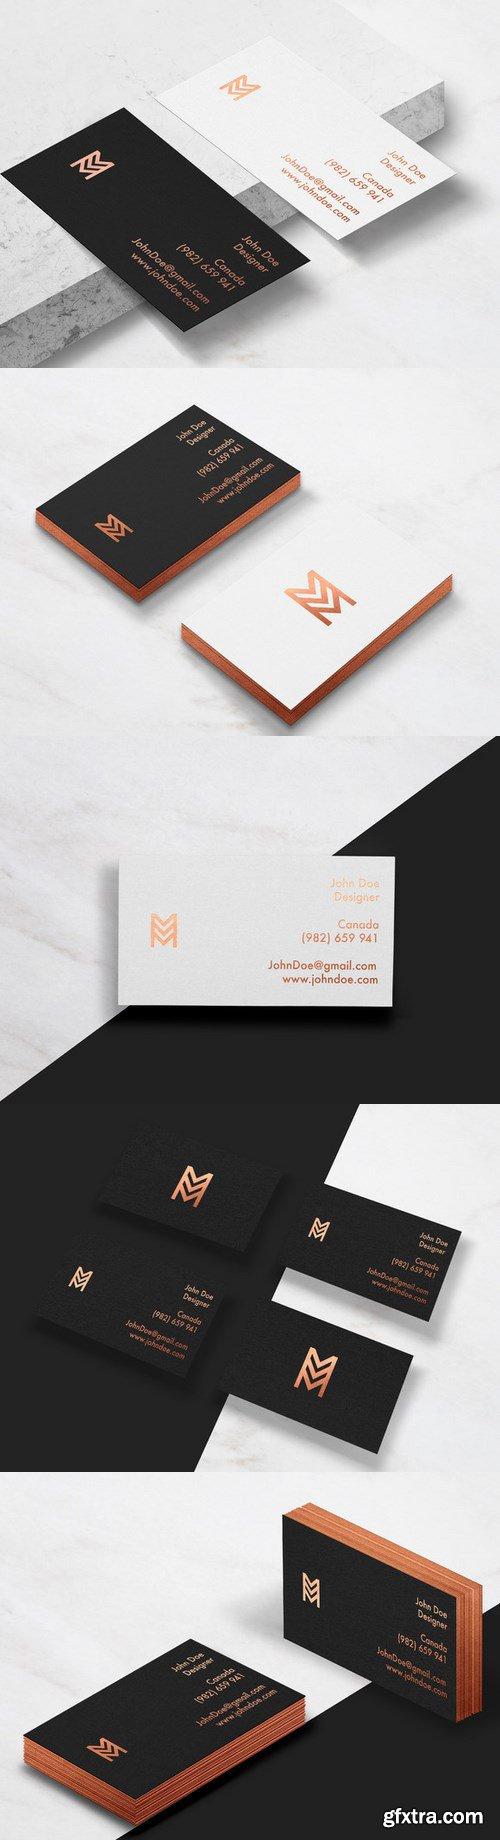 Cm business cards mockup vol 2 677020 mockup pinterest cm business cards mockup vol 2 677020 reheart Gallery